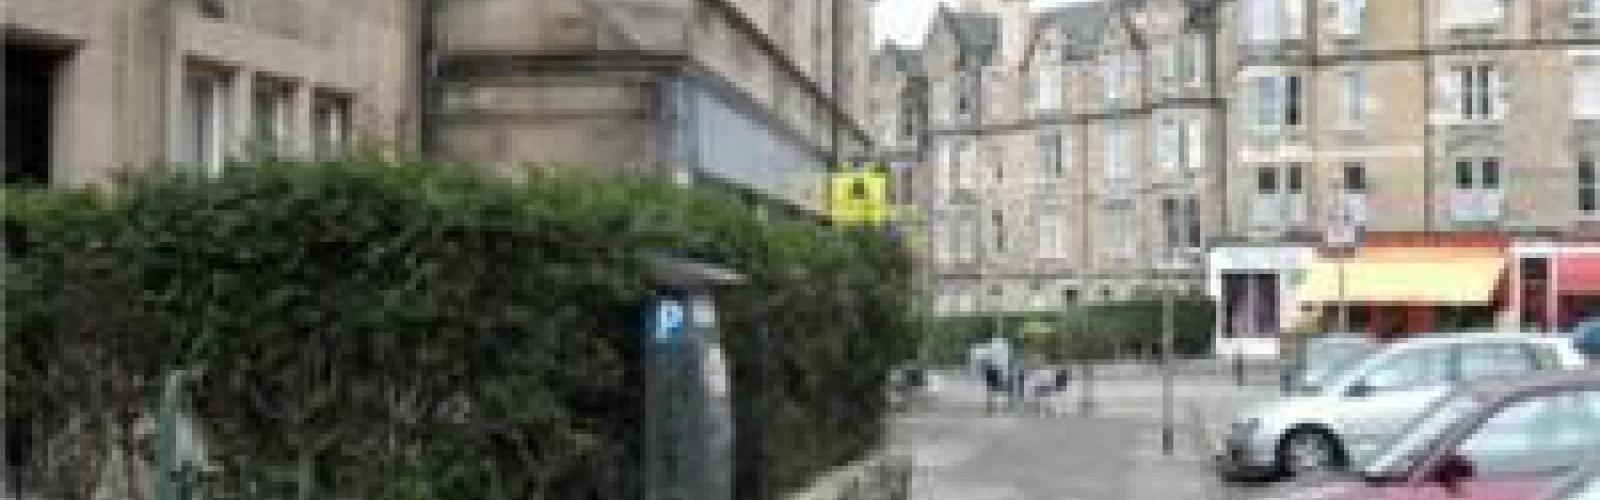 Spottiswoode Road,Edinburgh,2 Bedrooms Bedrooms,1 BathroomBathrooms,Apartment,Spottiswoode Road,1007